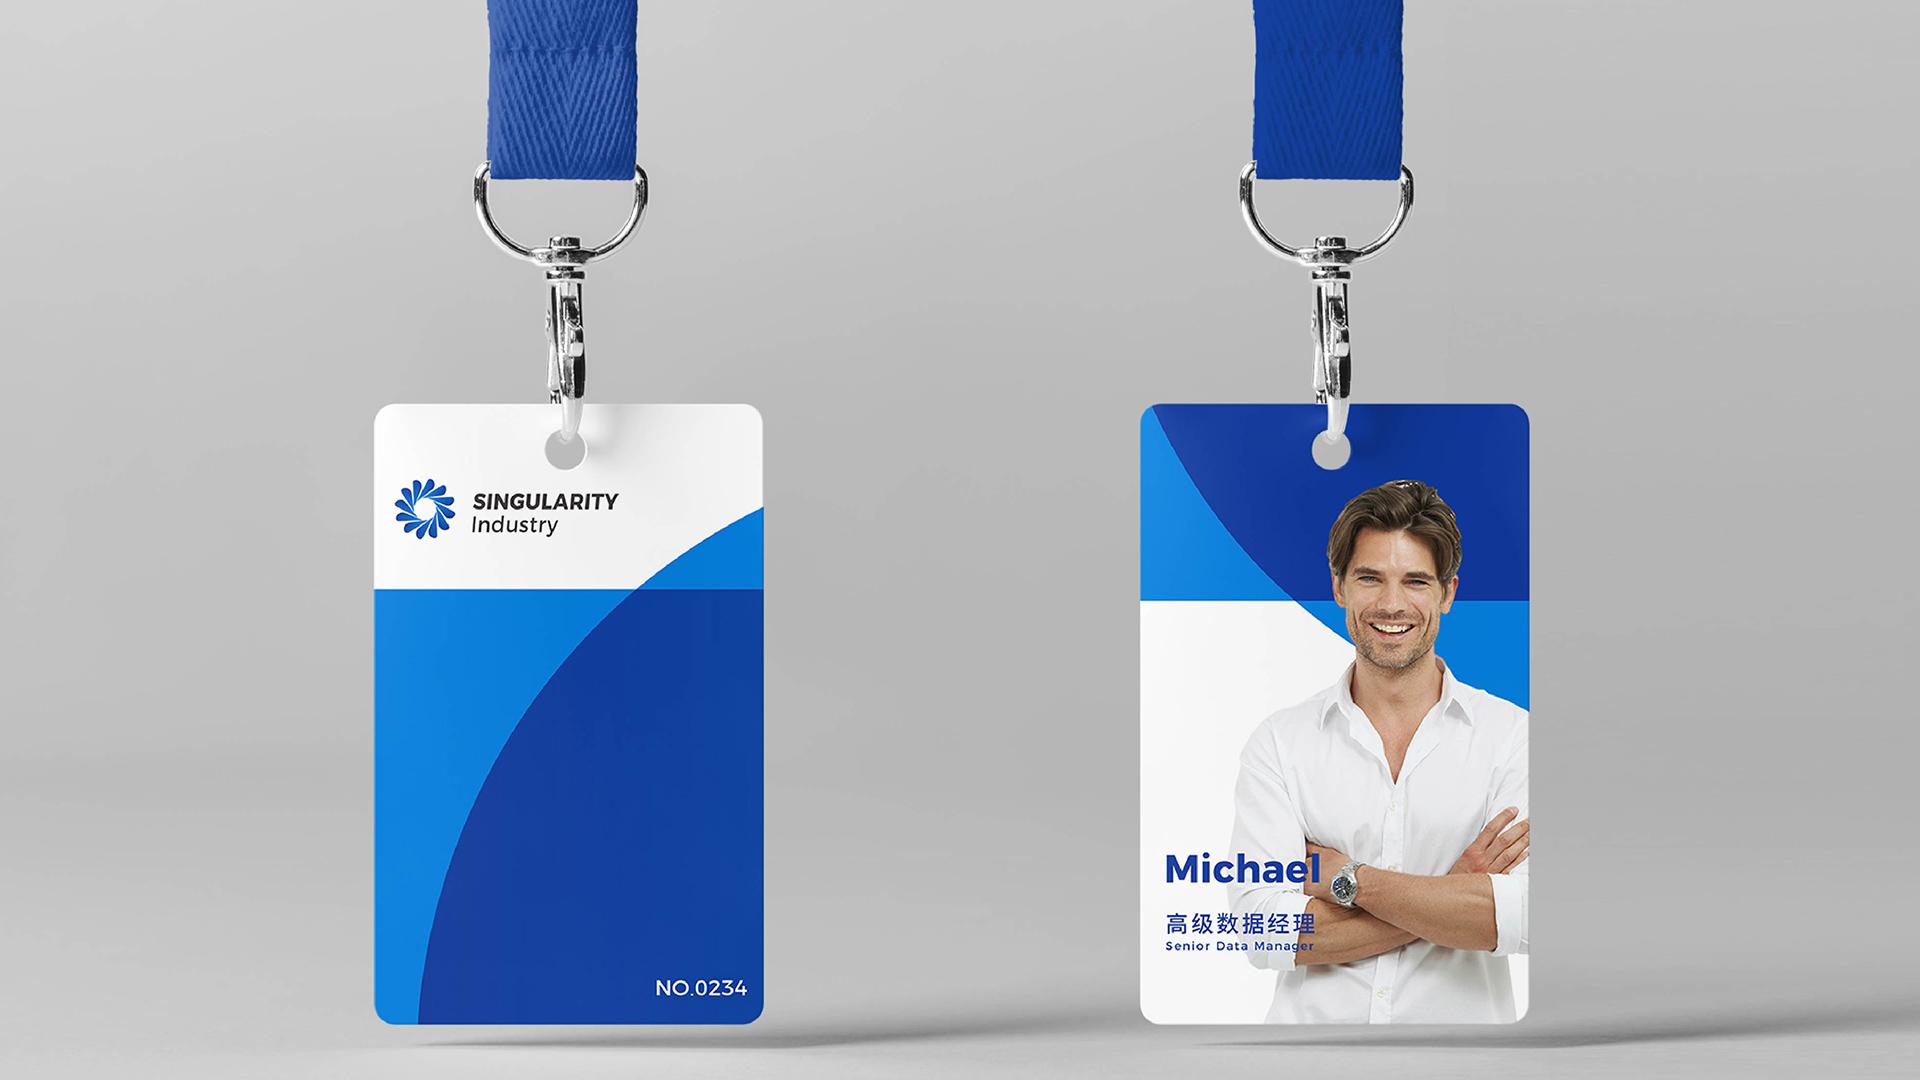 中新产元VI应用胸卡设计